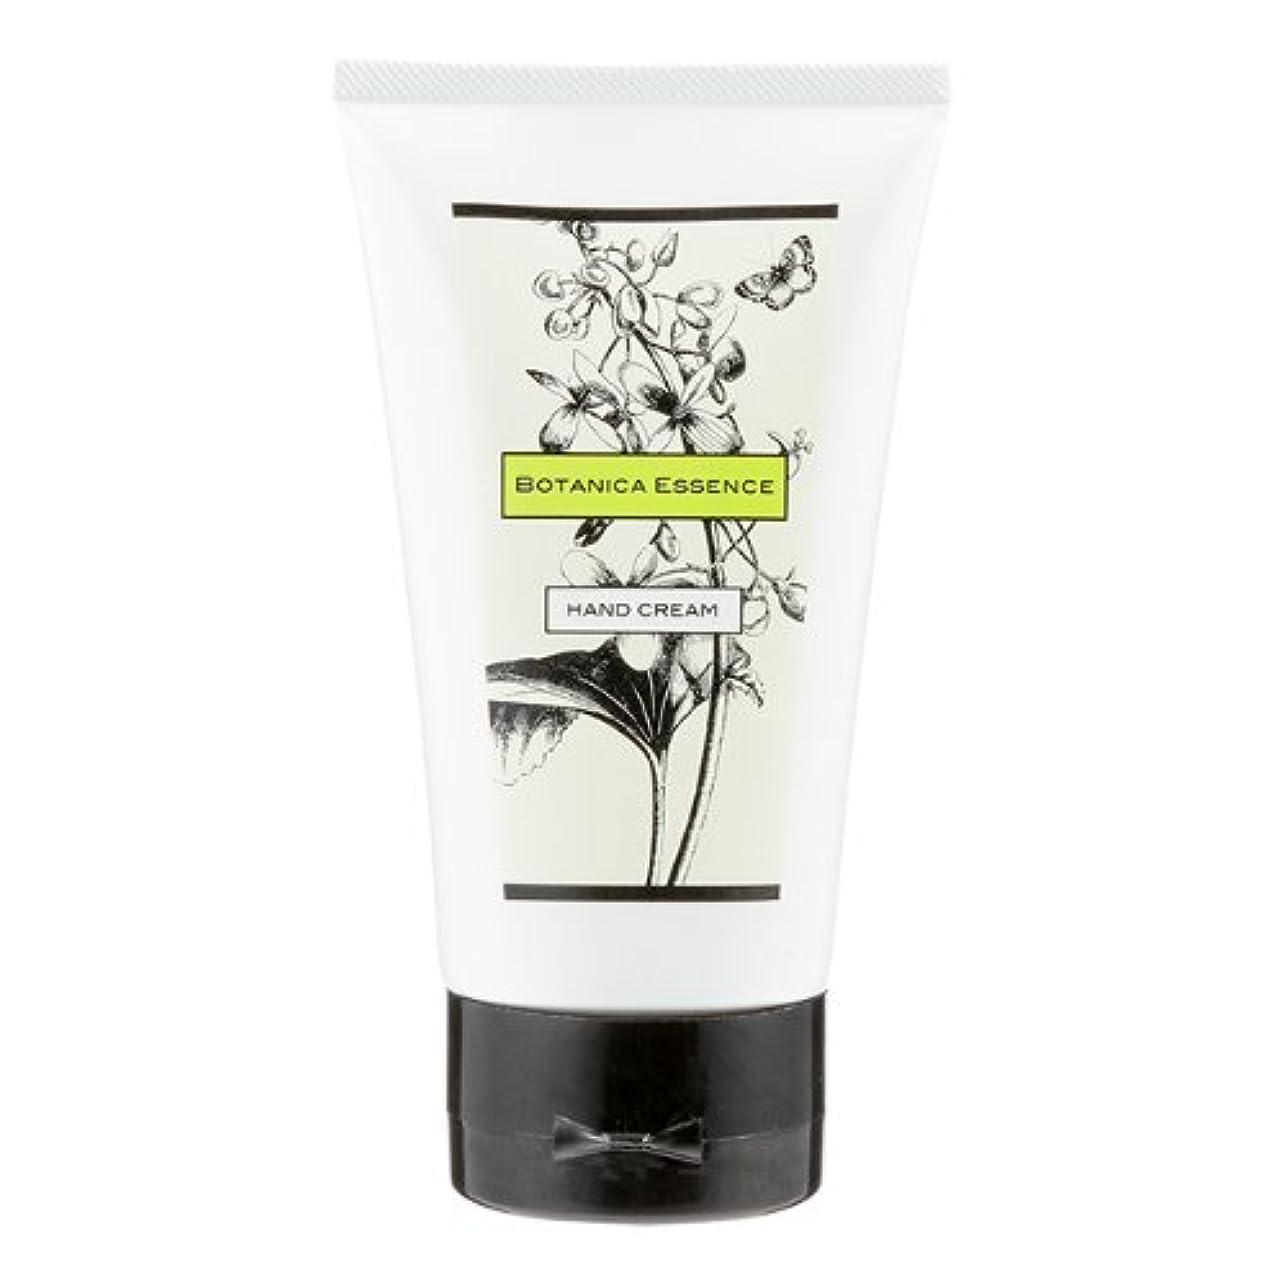 囚人わかりやすい洗剤ネイチャータッチ (Nature Touch) BOTANICA ハンドクリーム165g/ボタニカ